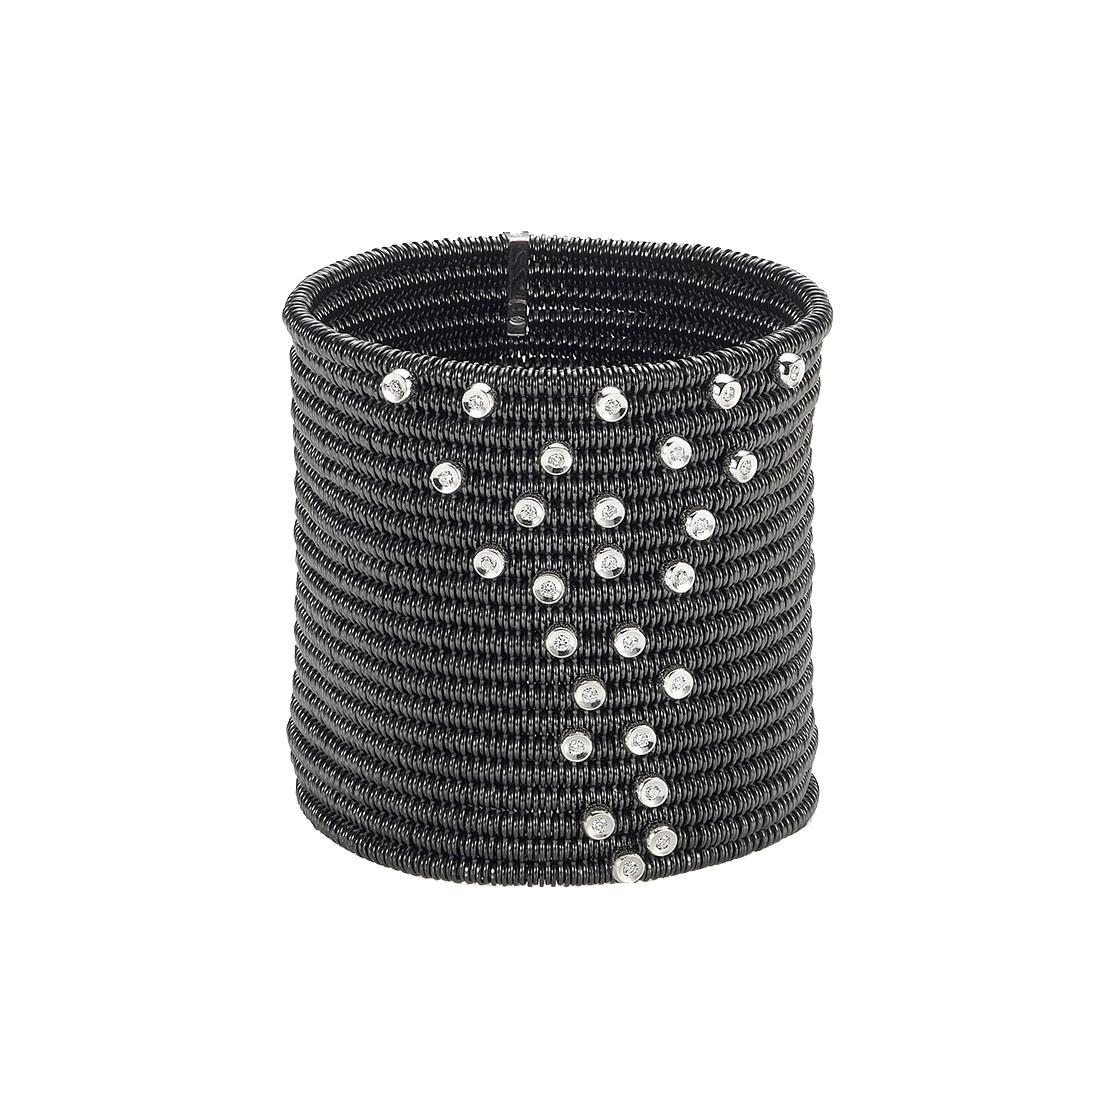 Bracciale 20 file in ceramica nera con cascata tremblant in diamanti bianchi - ROBERTO DEMEGLIO